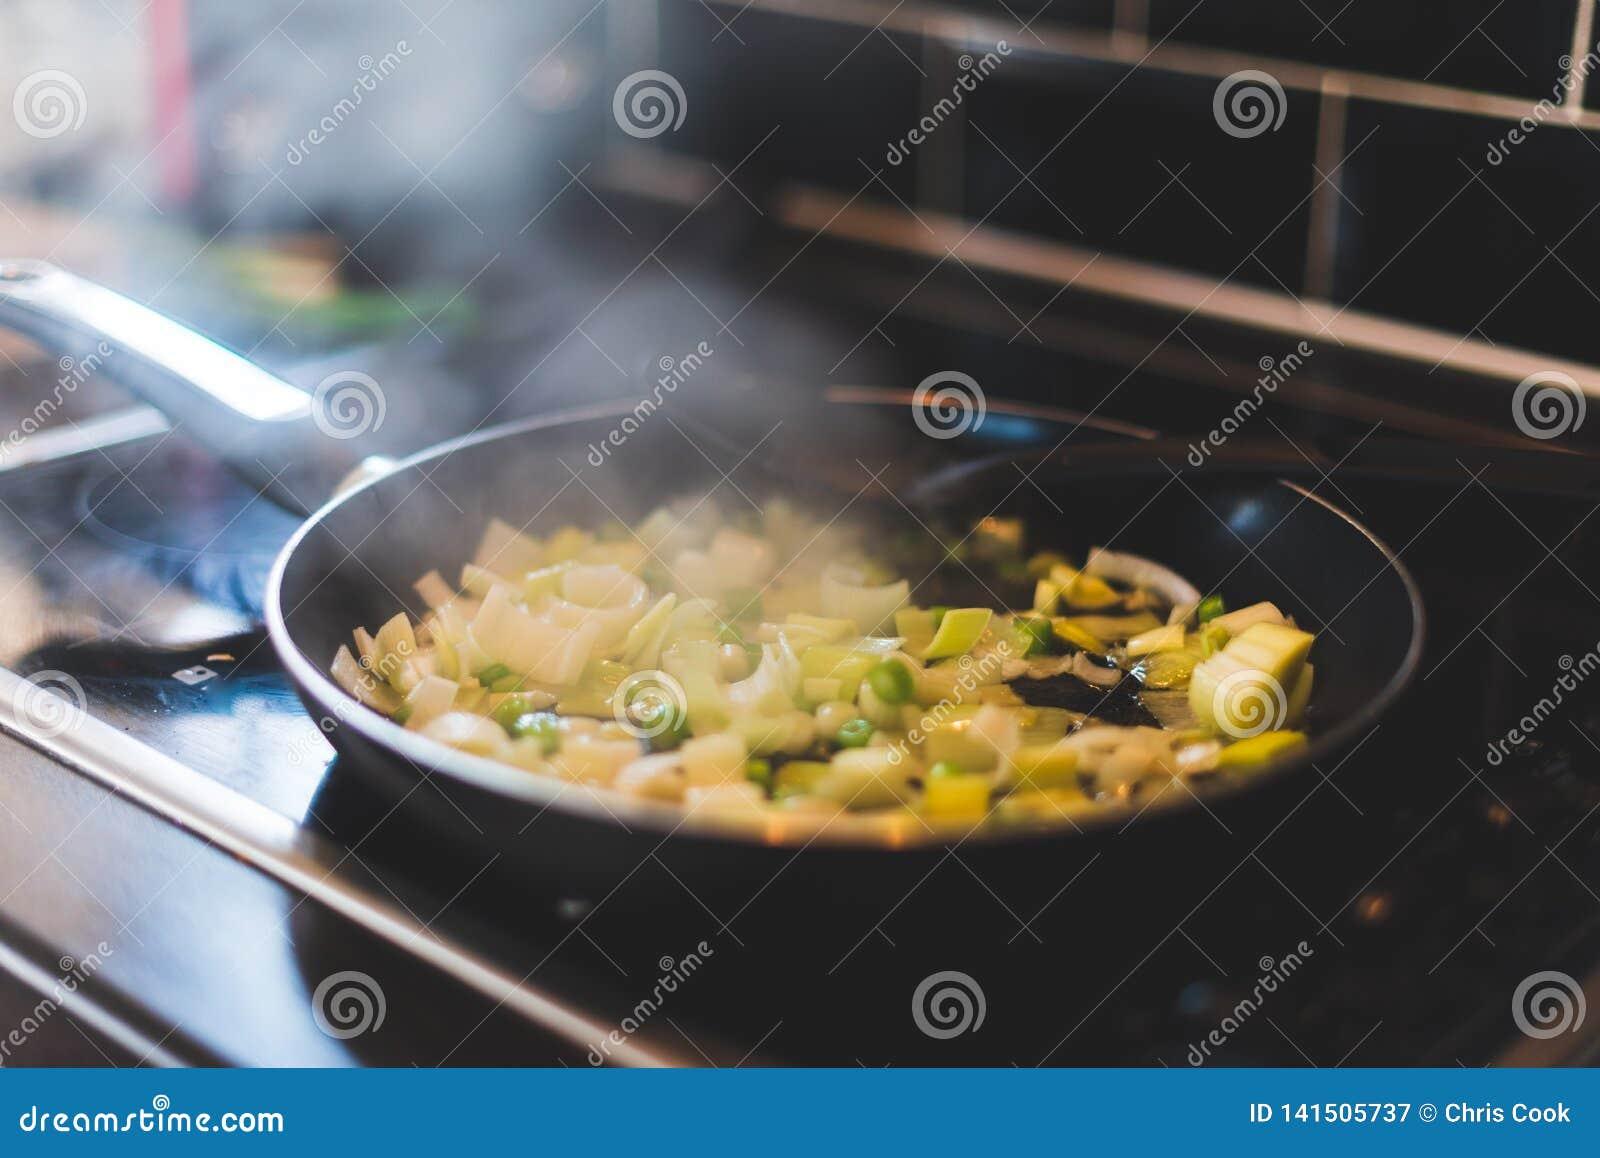 Os alho-porros e outros vegetais estão sendo cozinhados em uma frigideira